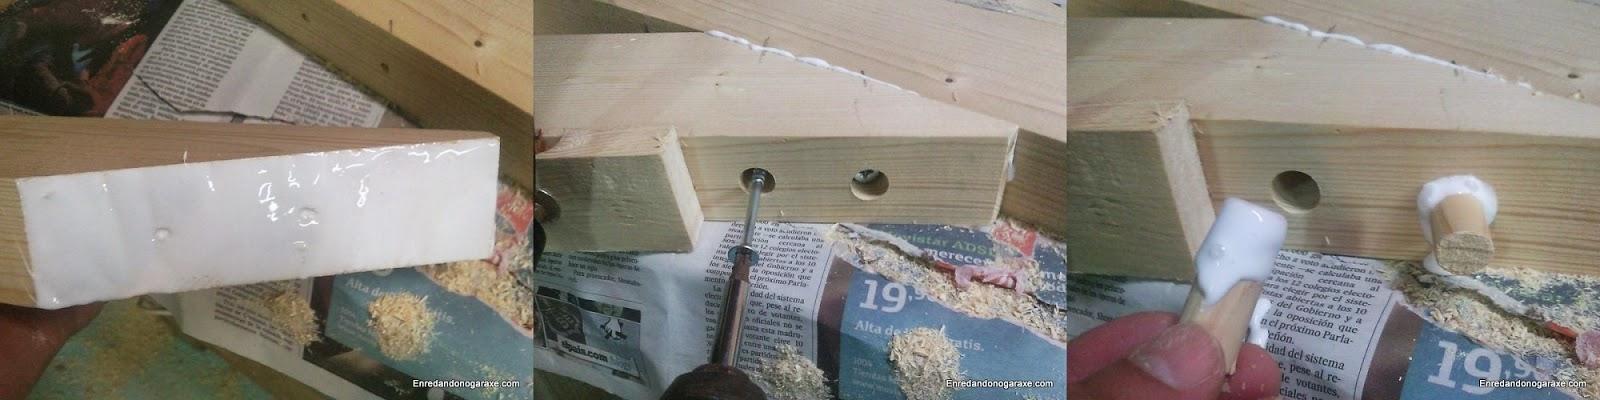 Encolando y atornillando refuerzo al soporte de la valla de madera. Enredandonogaraxe.com